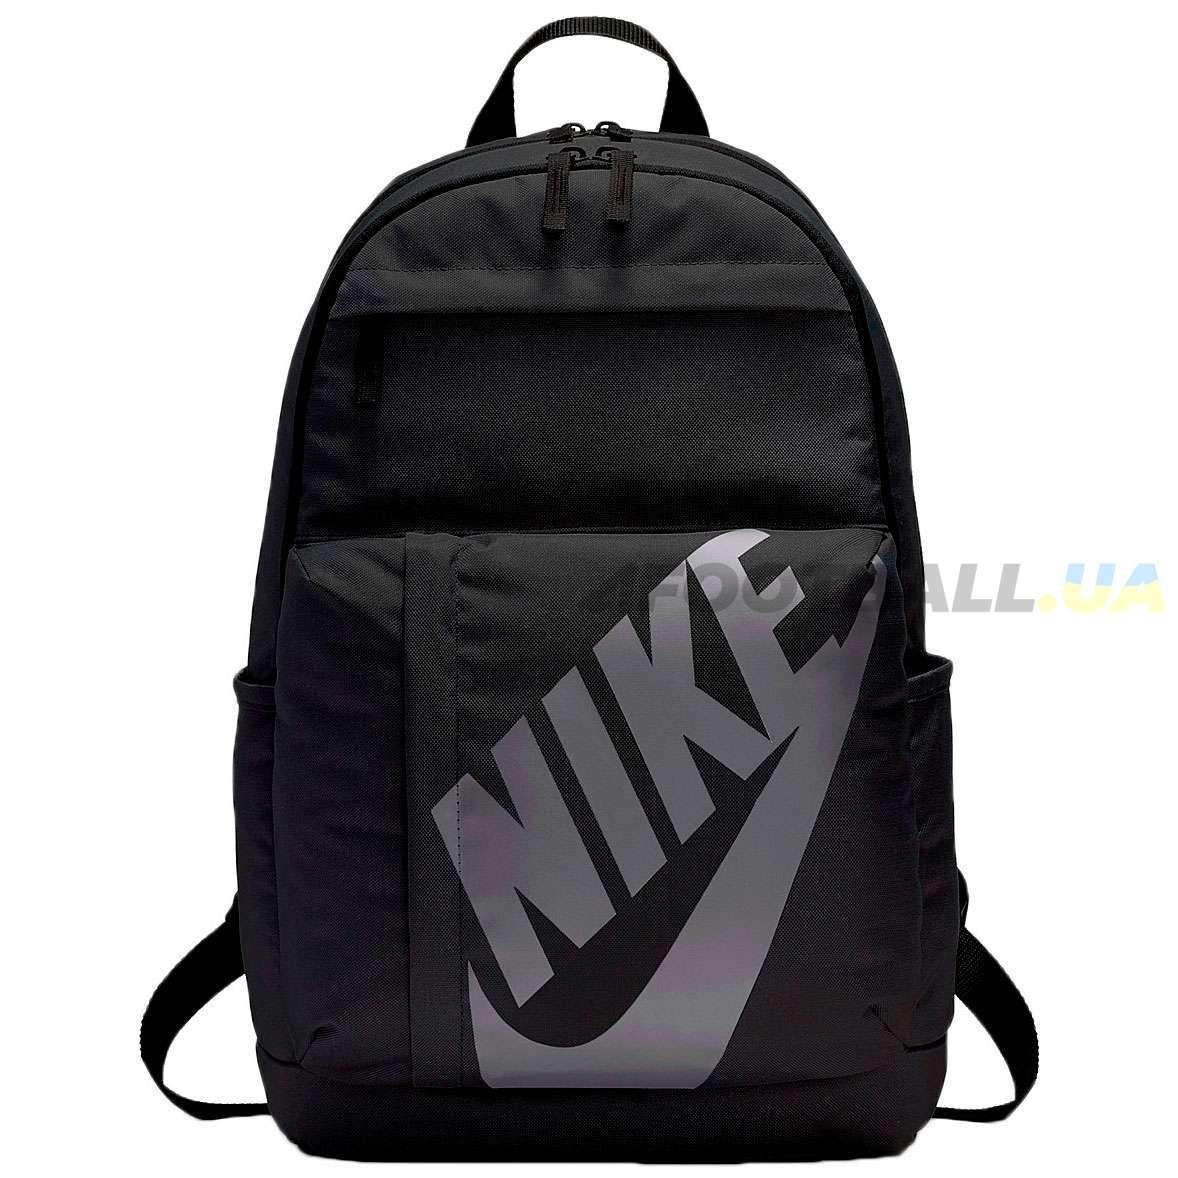 d27b891ed40c Рюкзак — купить модный стильный красивый спортивнеый портфель в ...